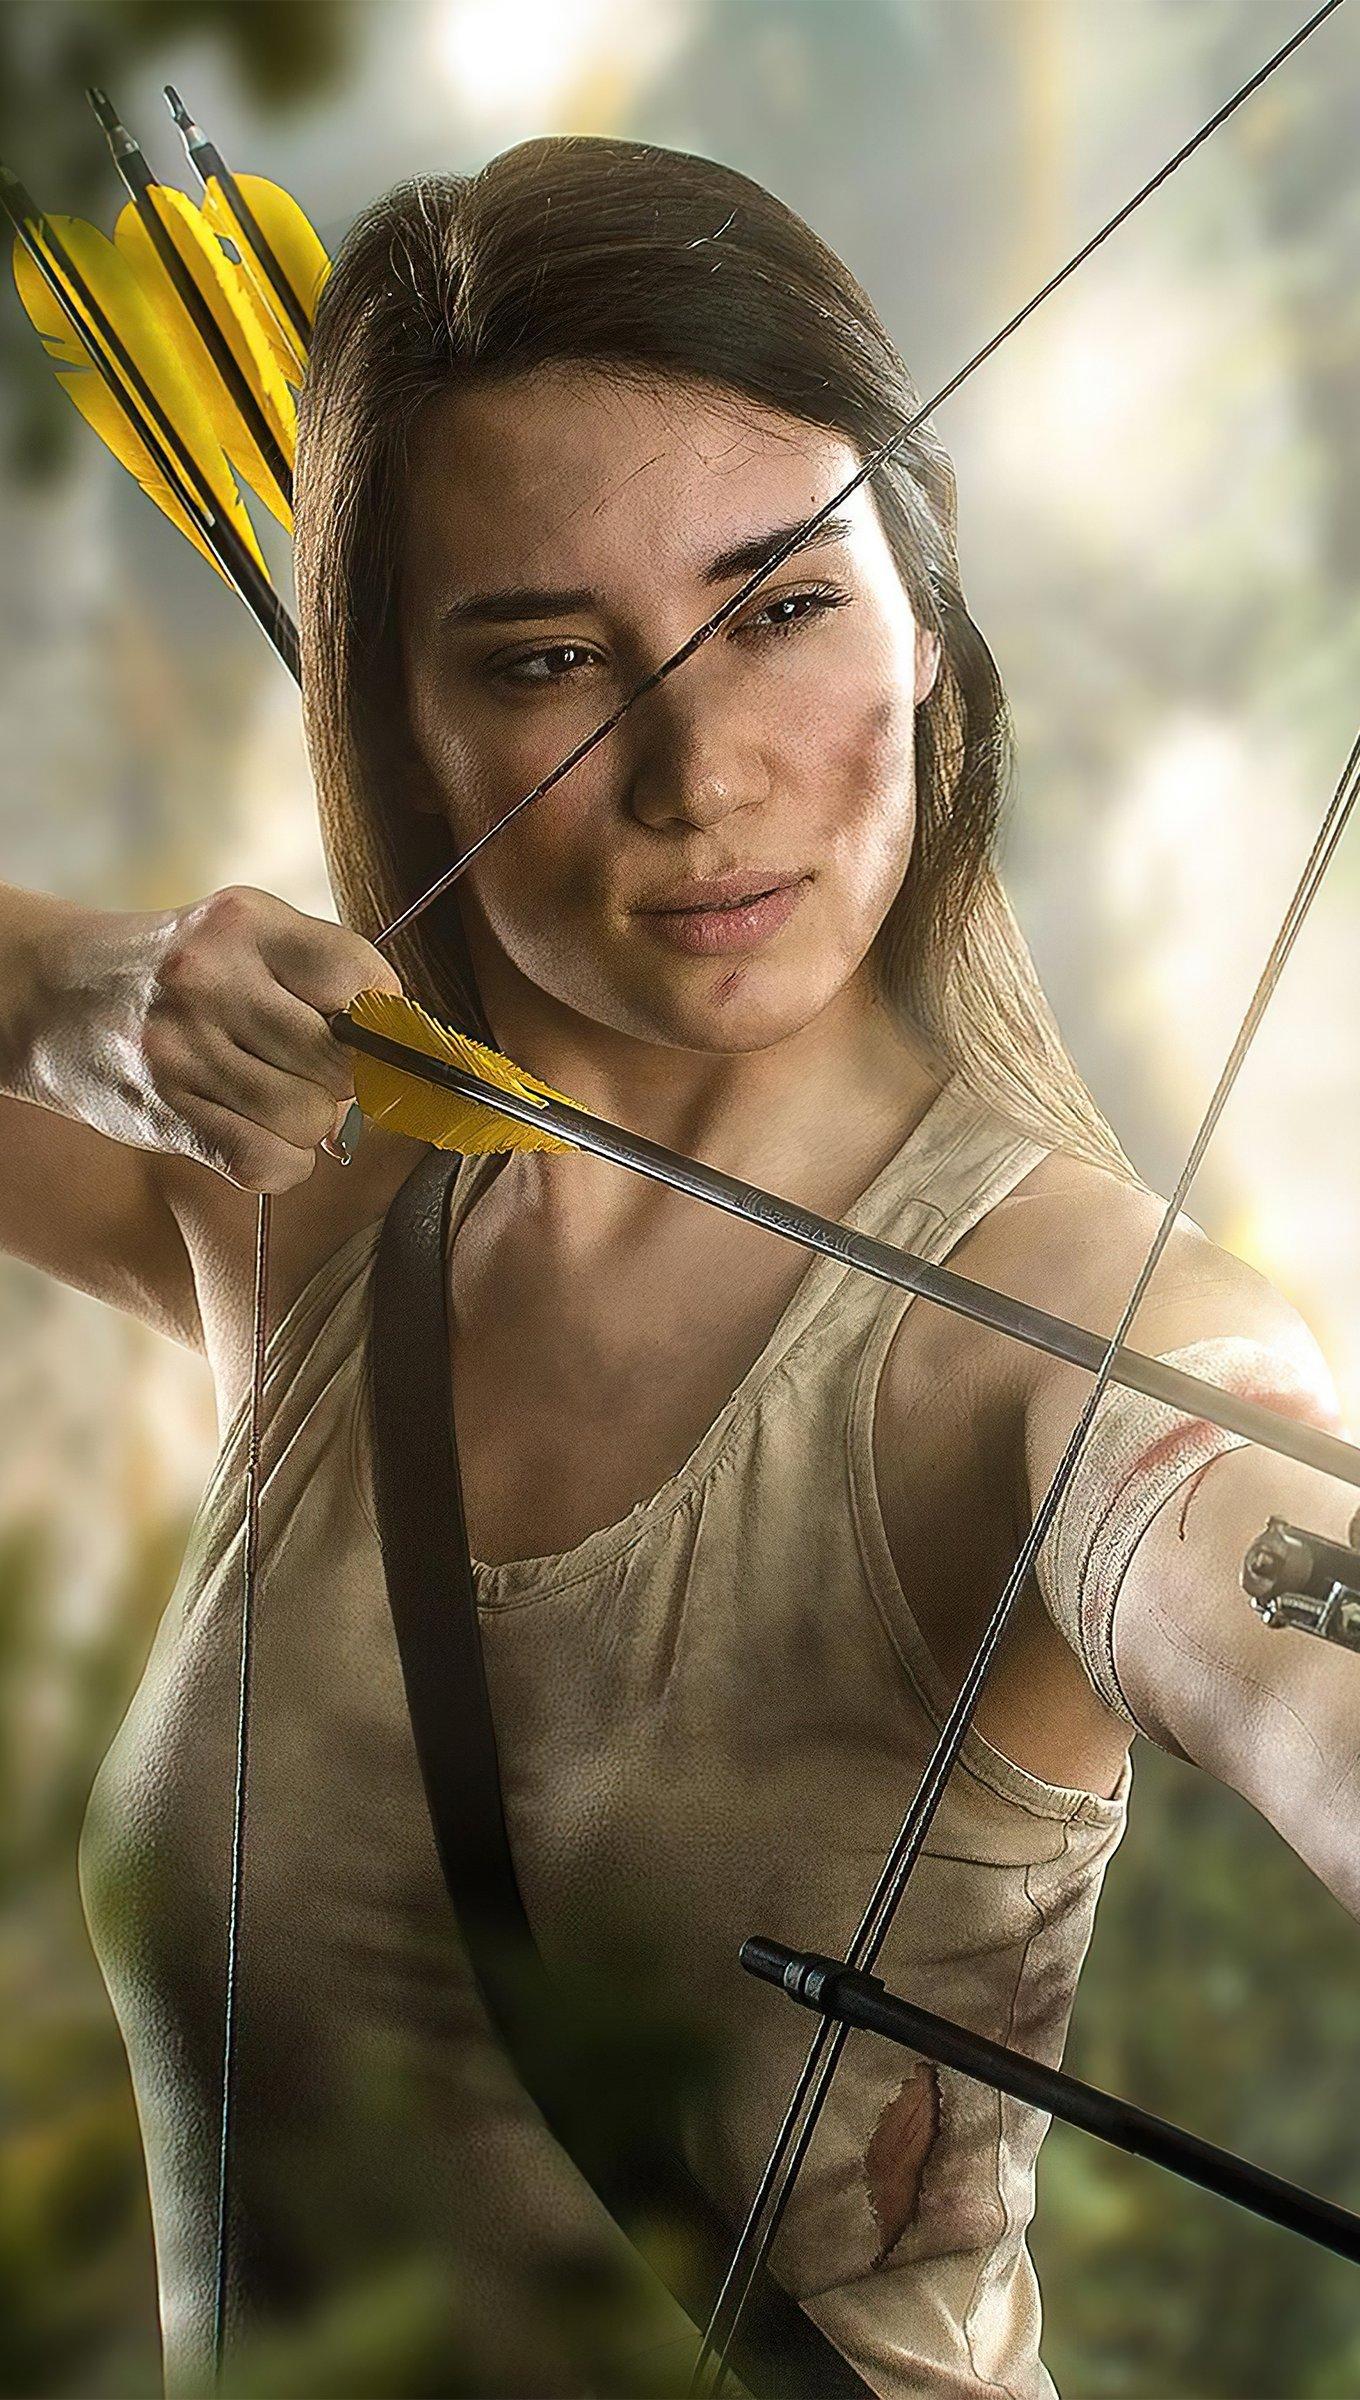 Fondos de pantalla Lara Croft con arco y flecha Vertical